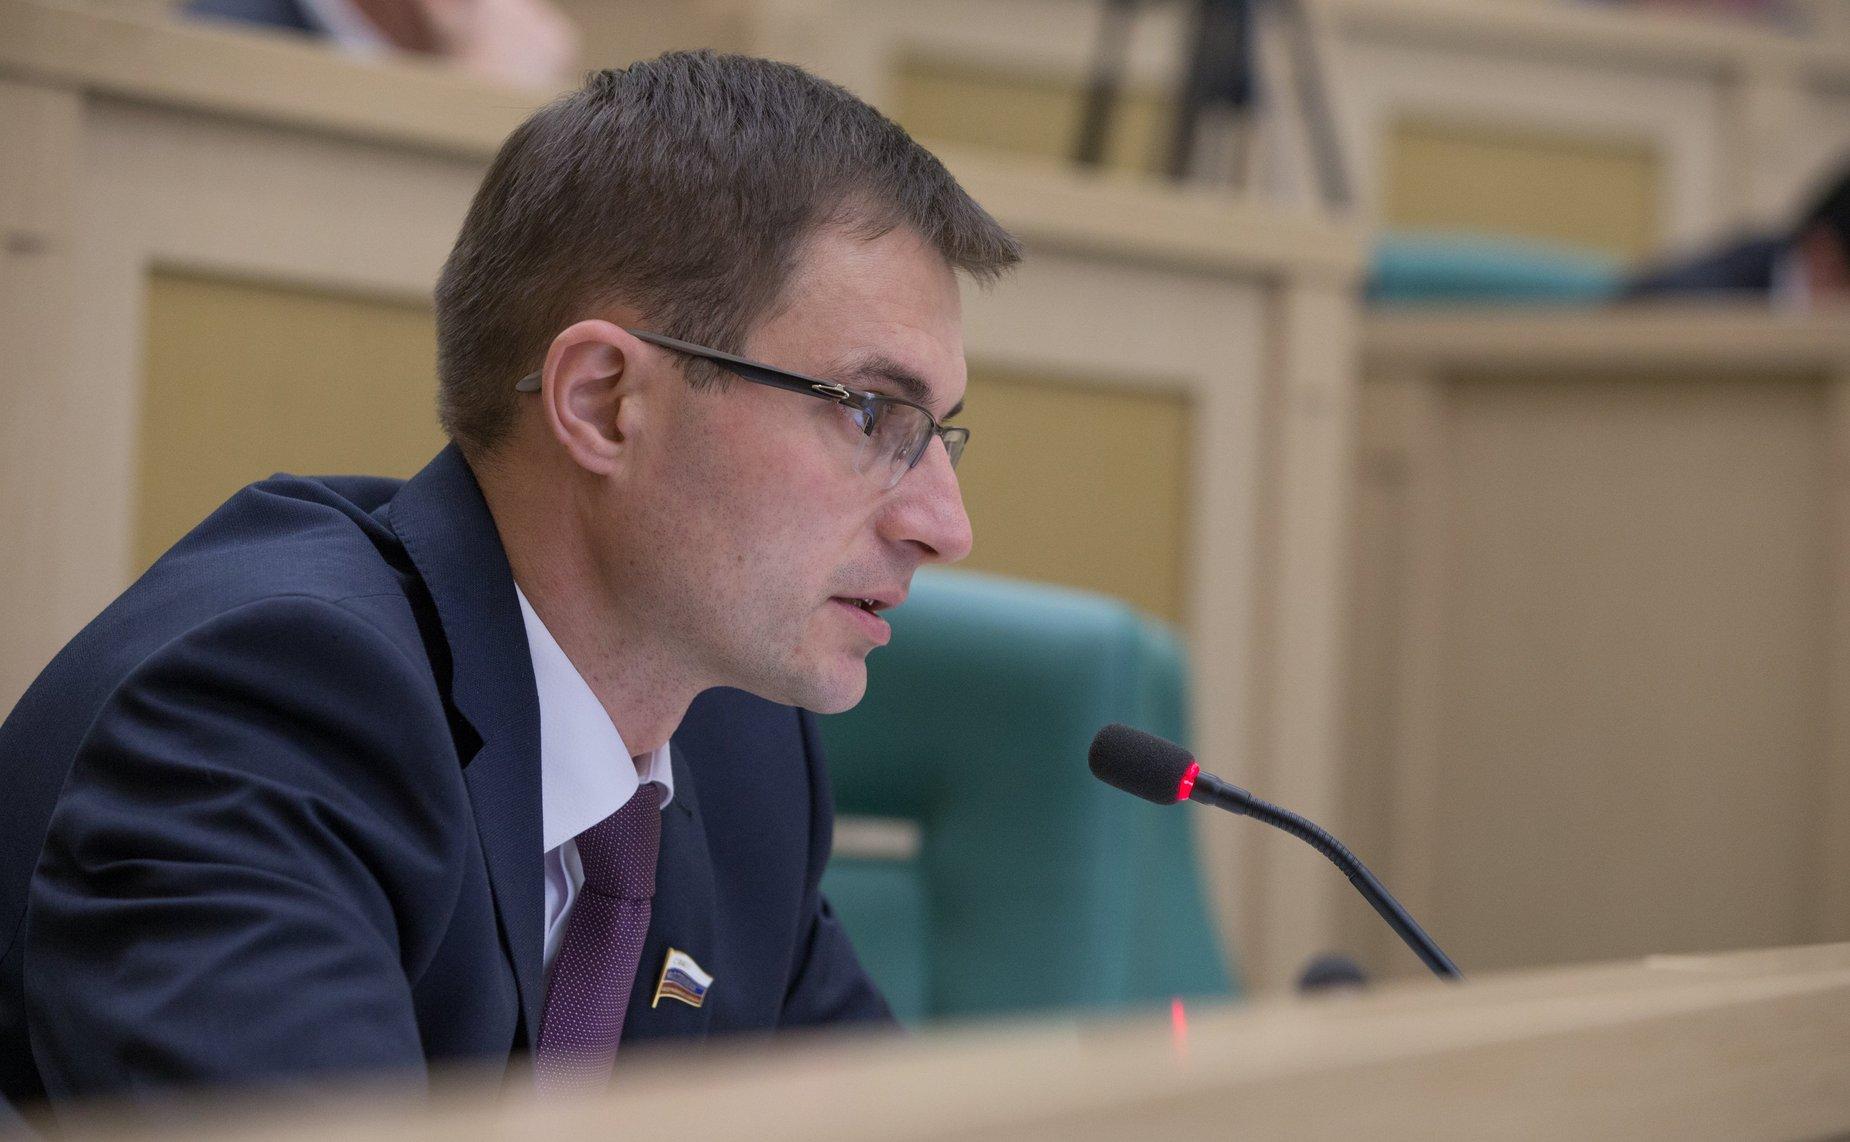 Сенатор от Коми Дмитрий Шатохин вошел в комитет по бюджету и финансовым рынкам